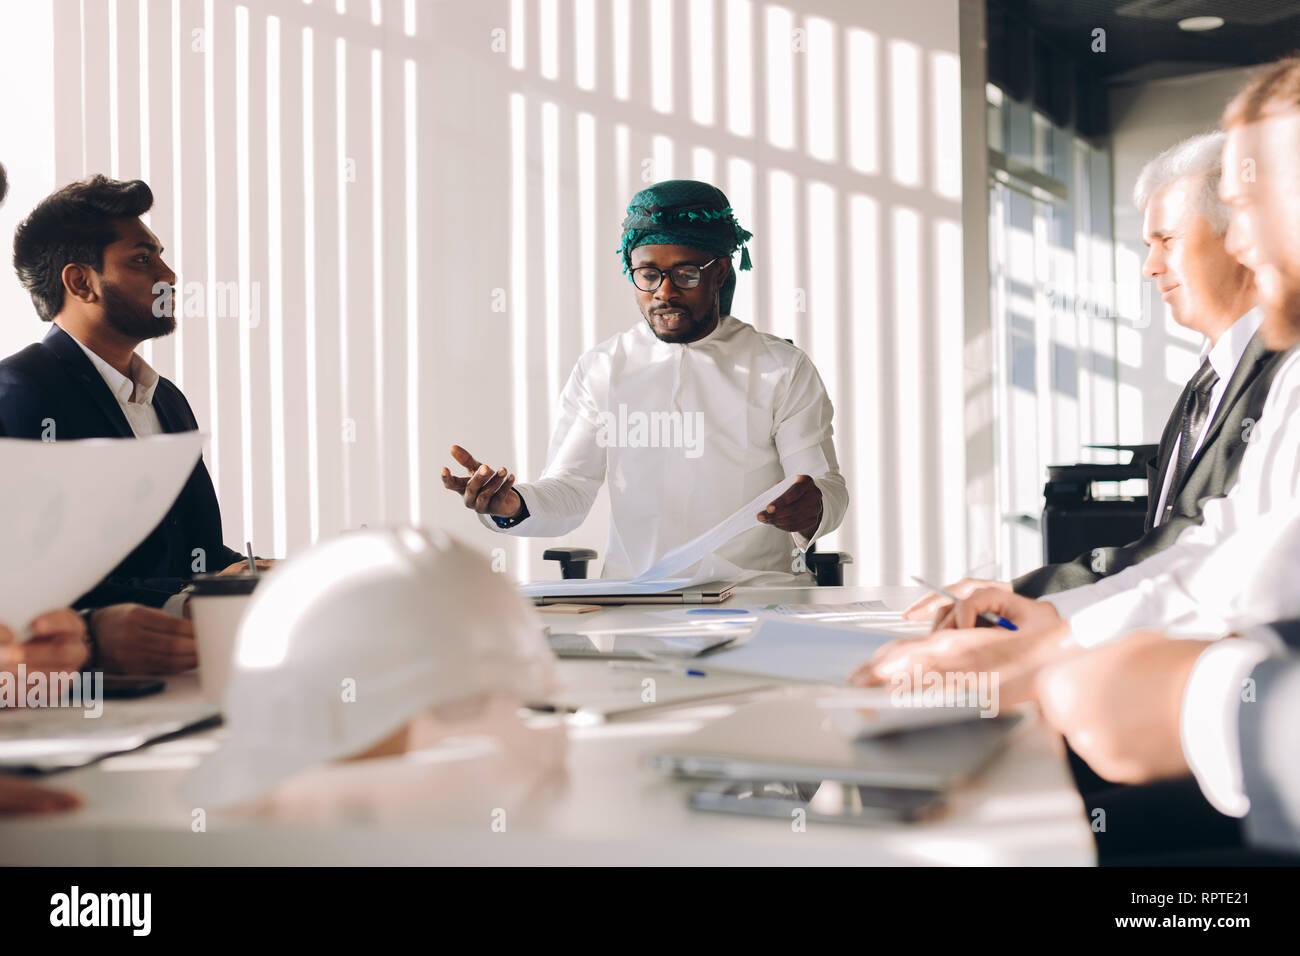 Investisseur arabe en blanc et gutra candura nationale sur la stratégie financière de l'entreprise tête de discuter avec son multirucial sexe masculin au cours d'une réunion Banque D'Images